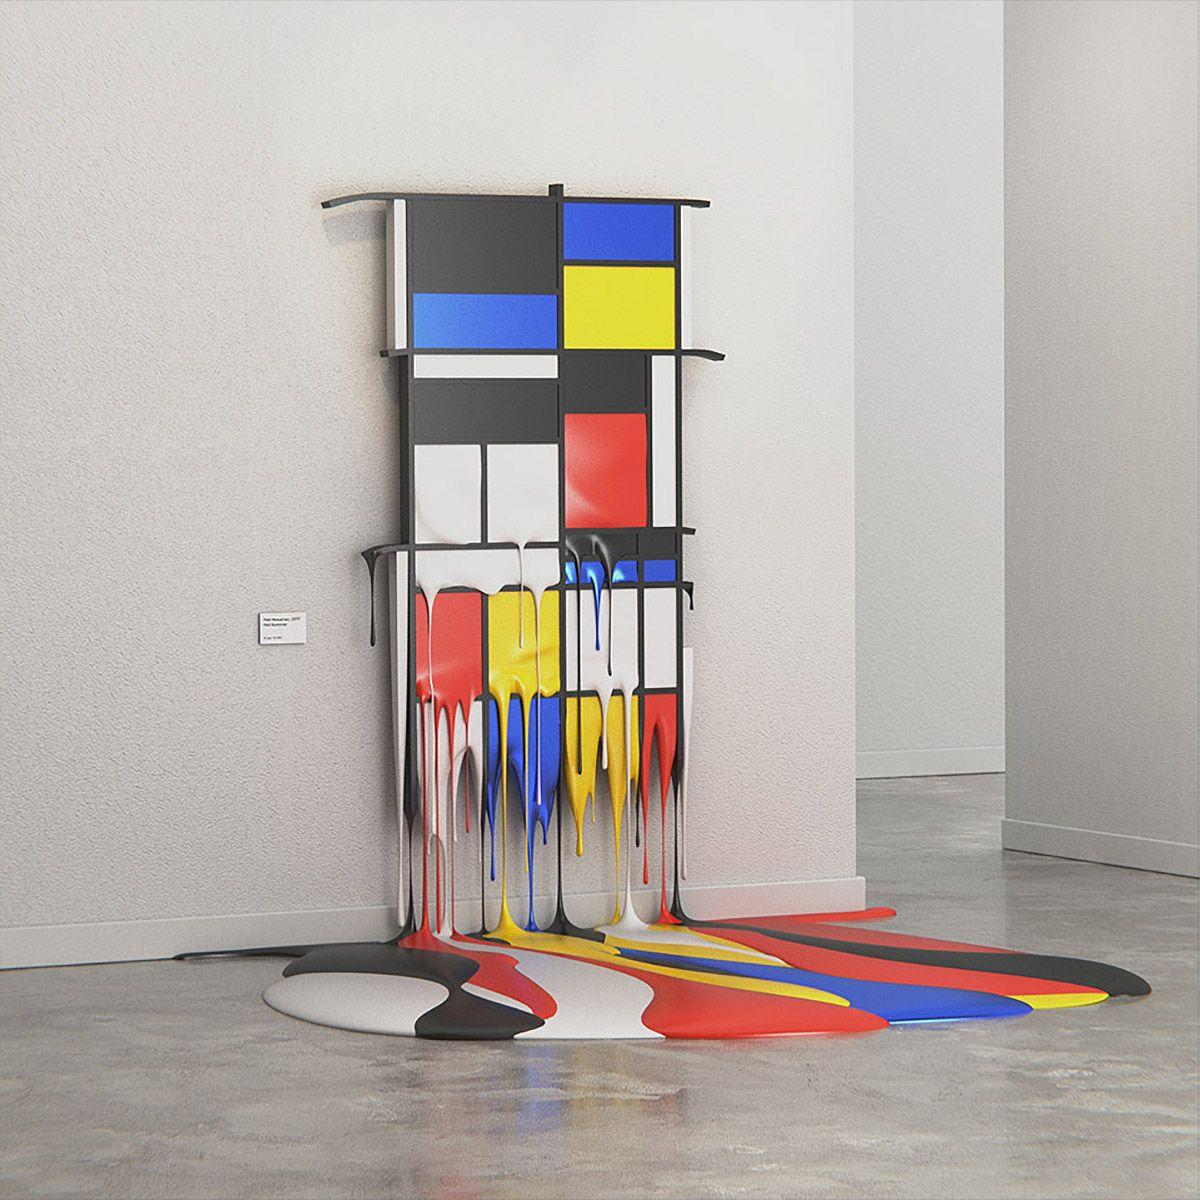 Melting Masterpieces: Digital Artworks by Alper Dostal | Pinterest ...